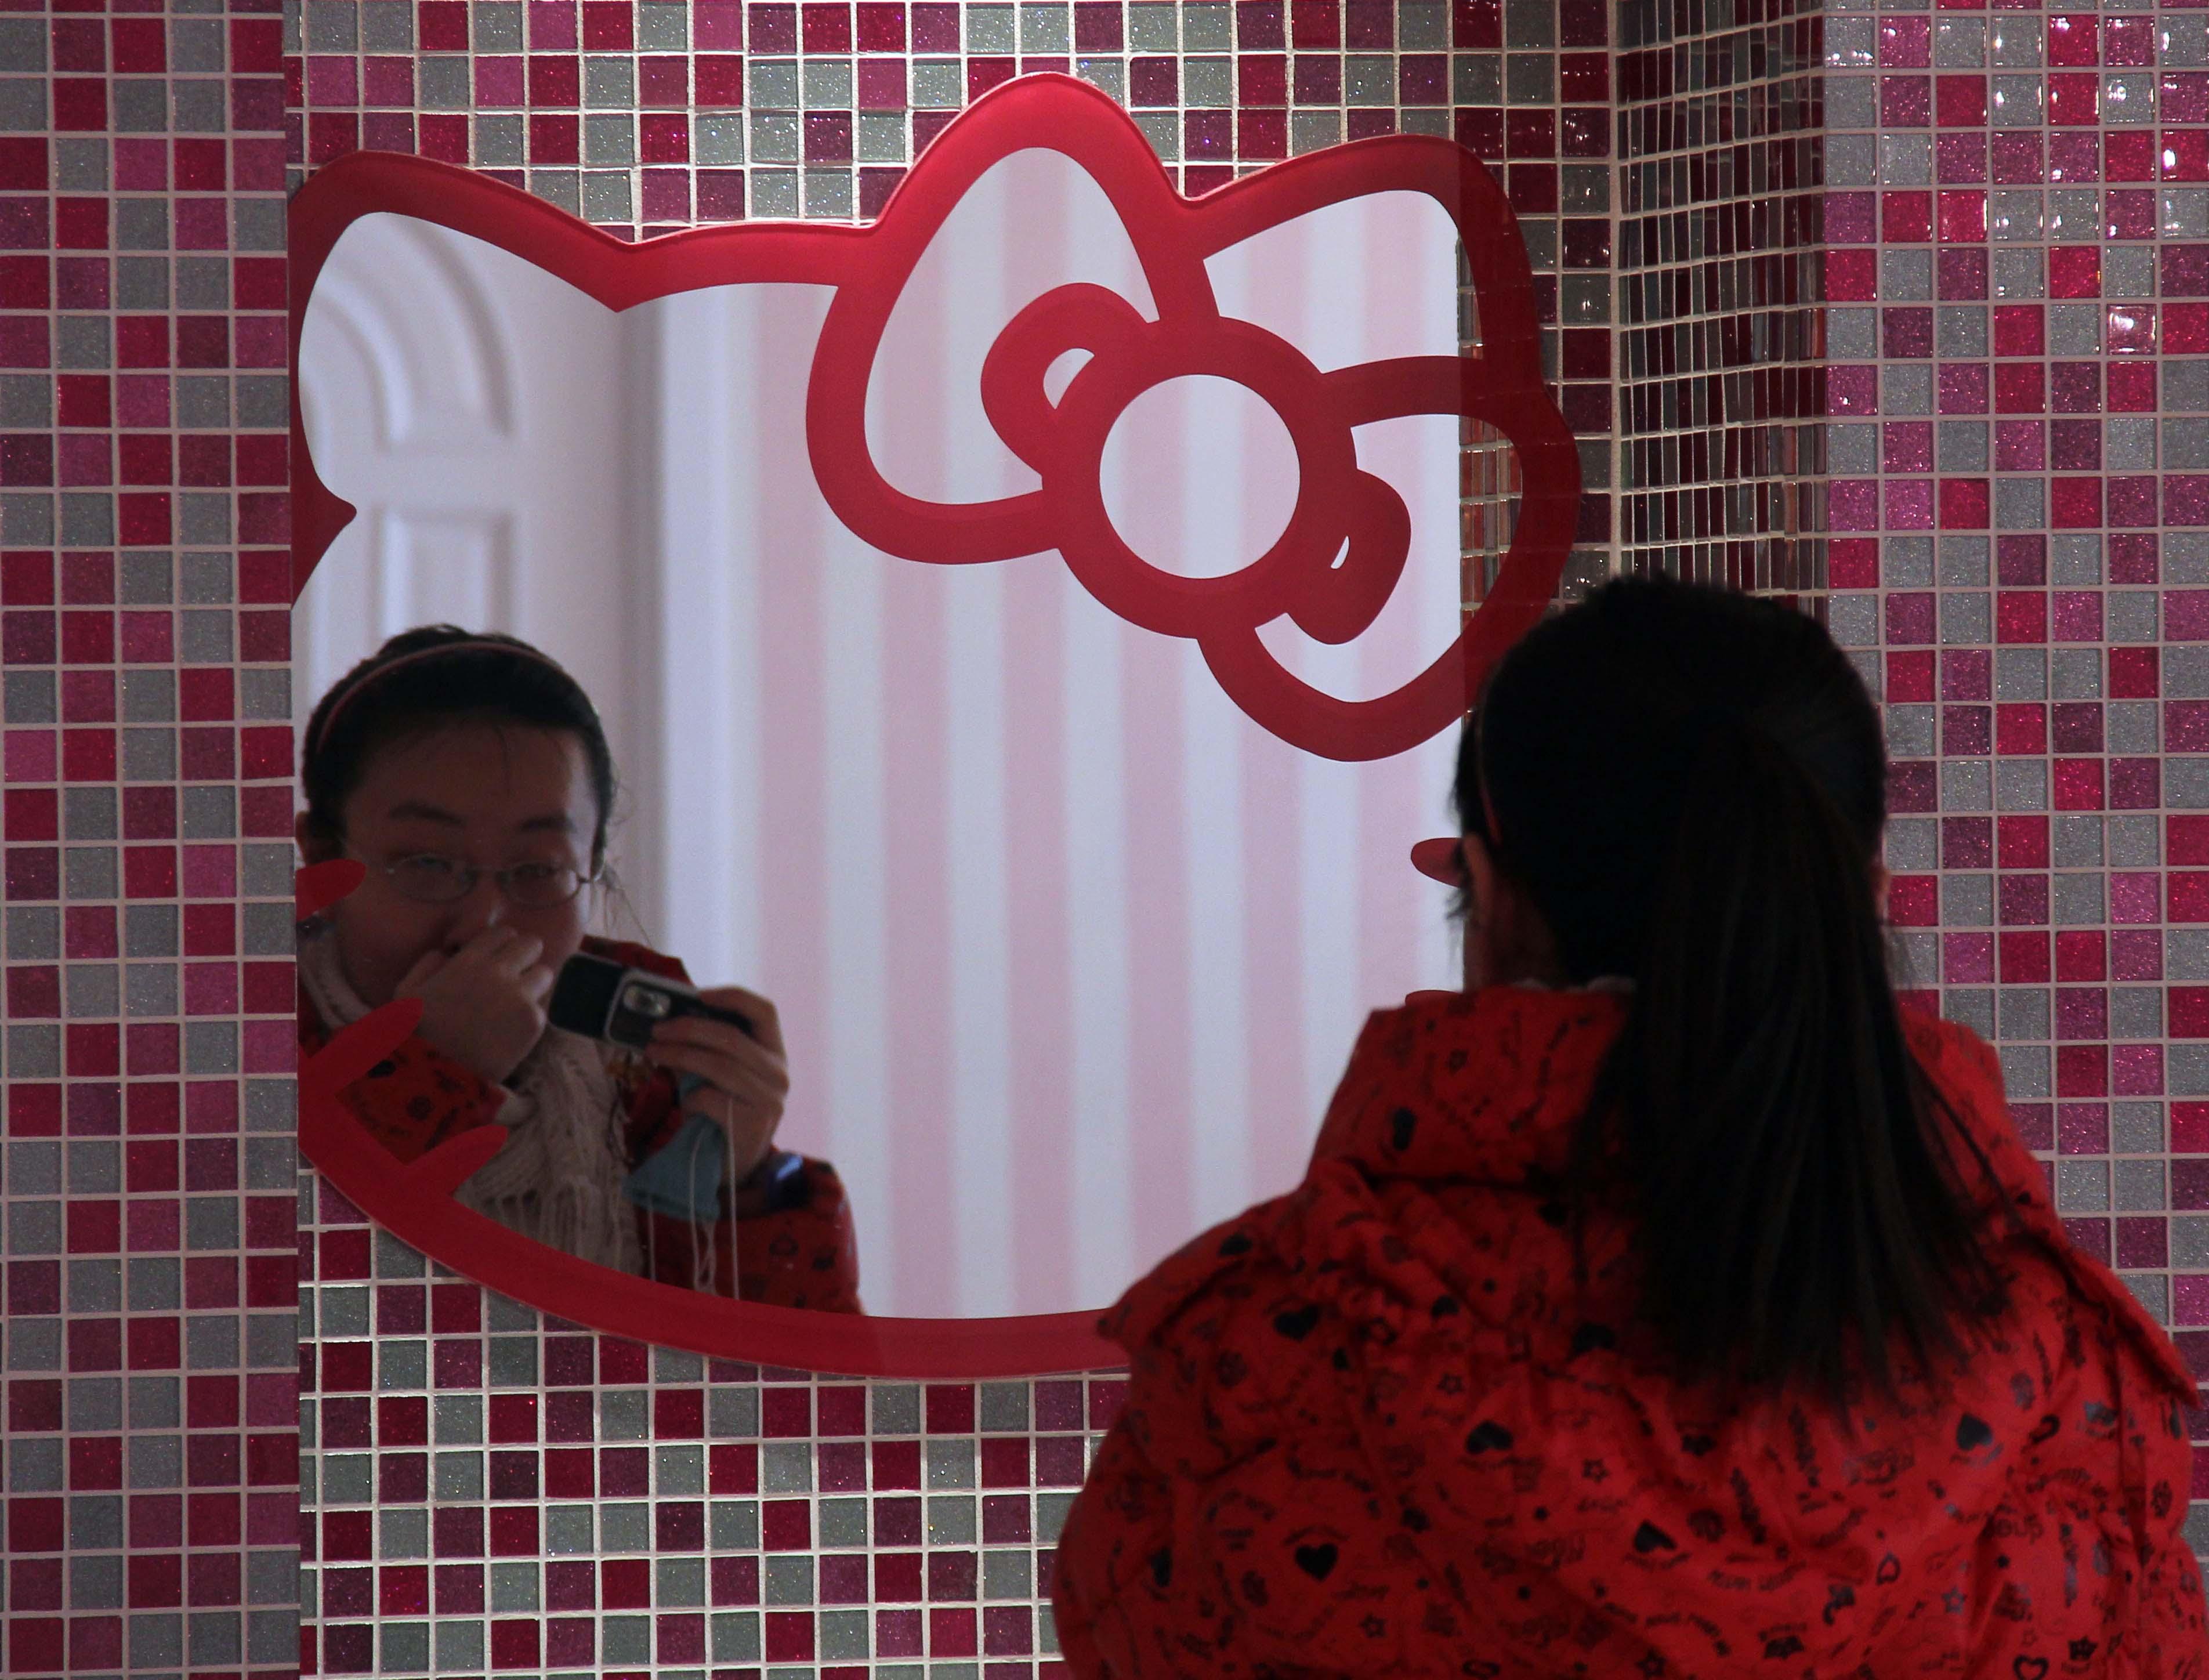 As paredes do banheiro são coloridas e brilhantes e o espelho tem a  #A72437 3808 2896